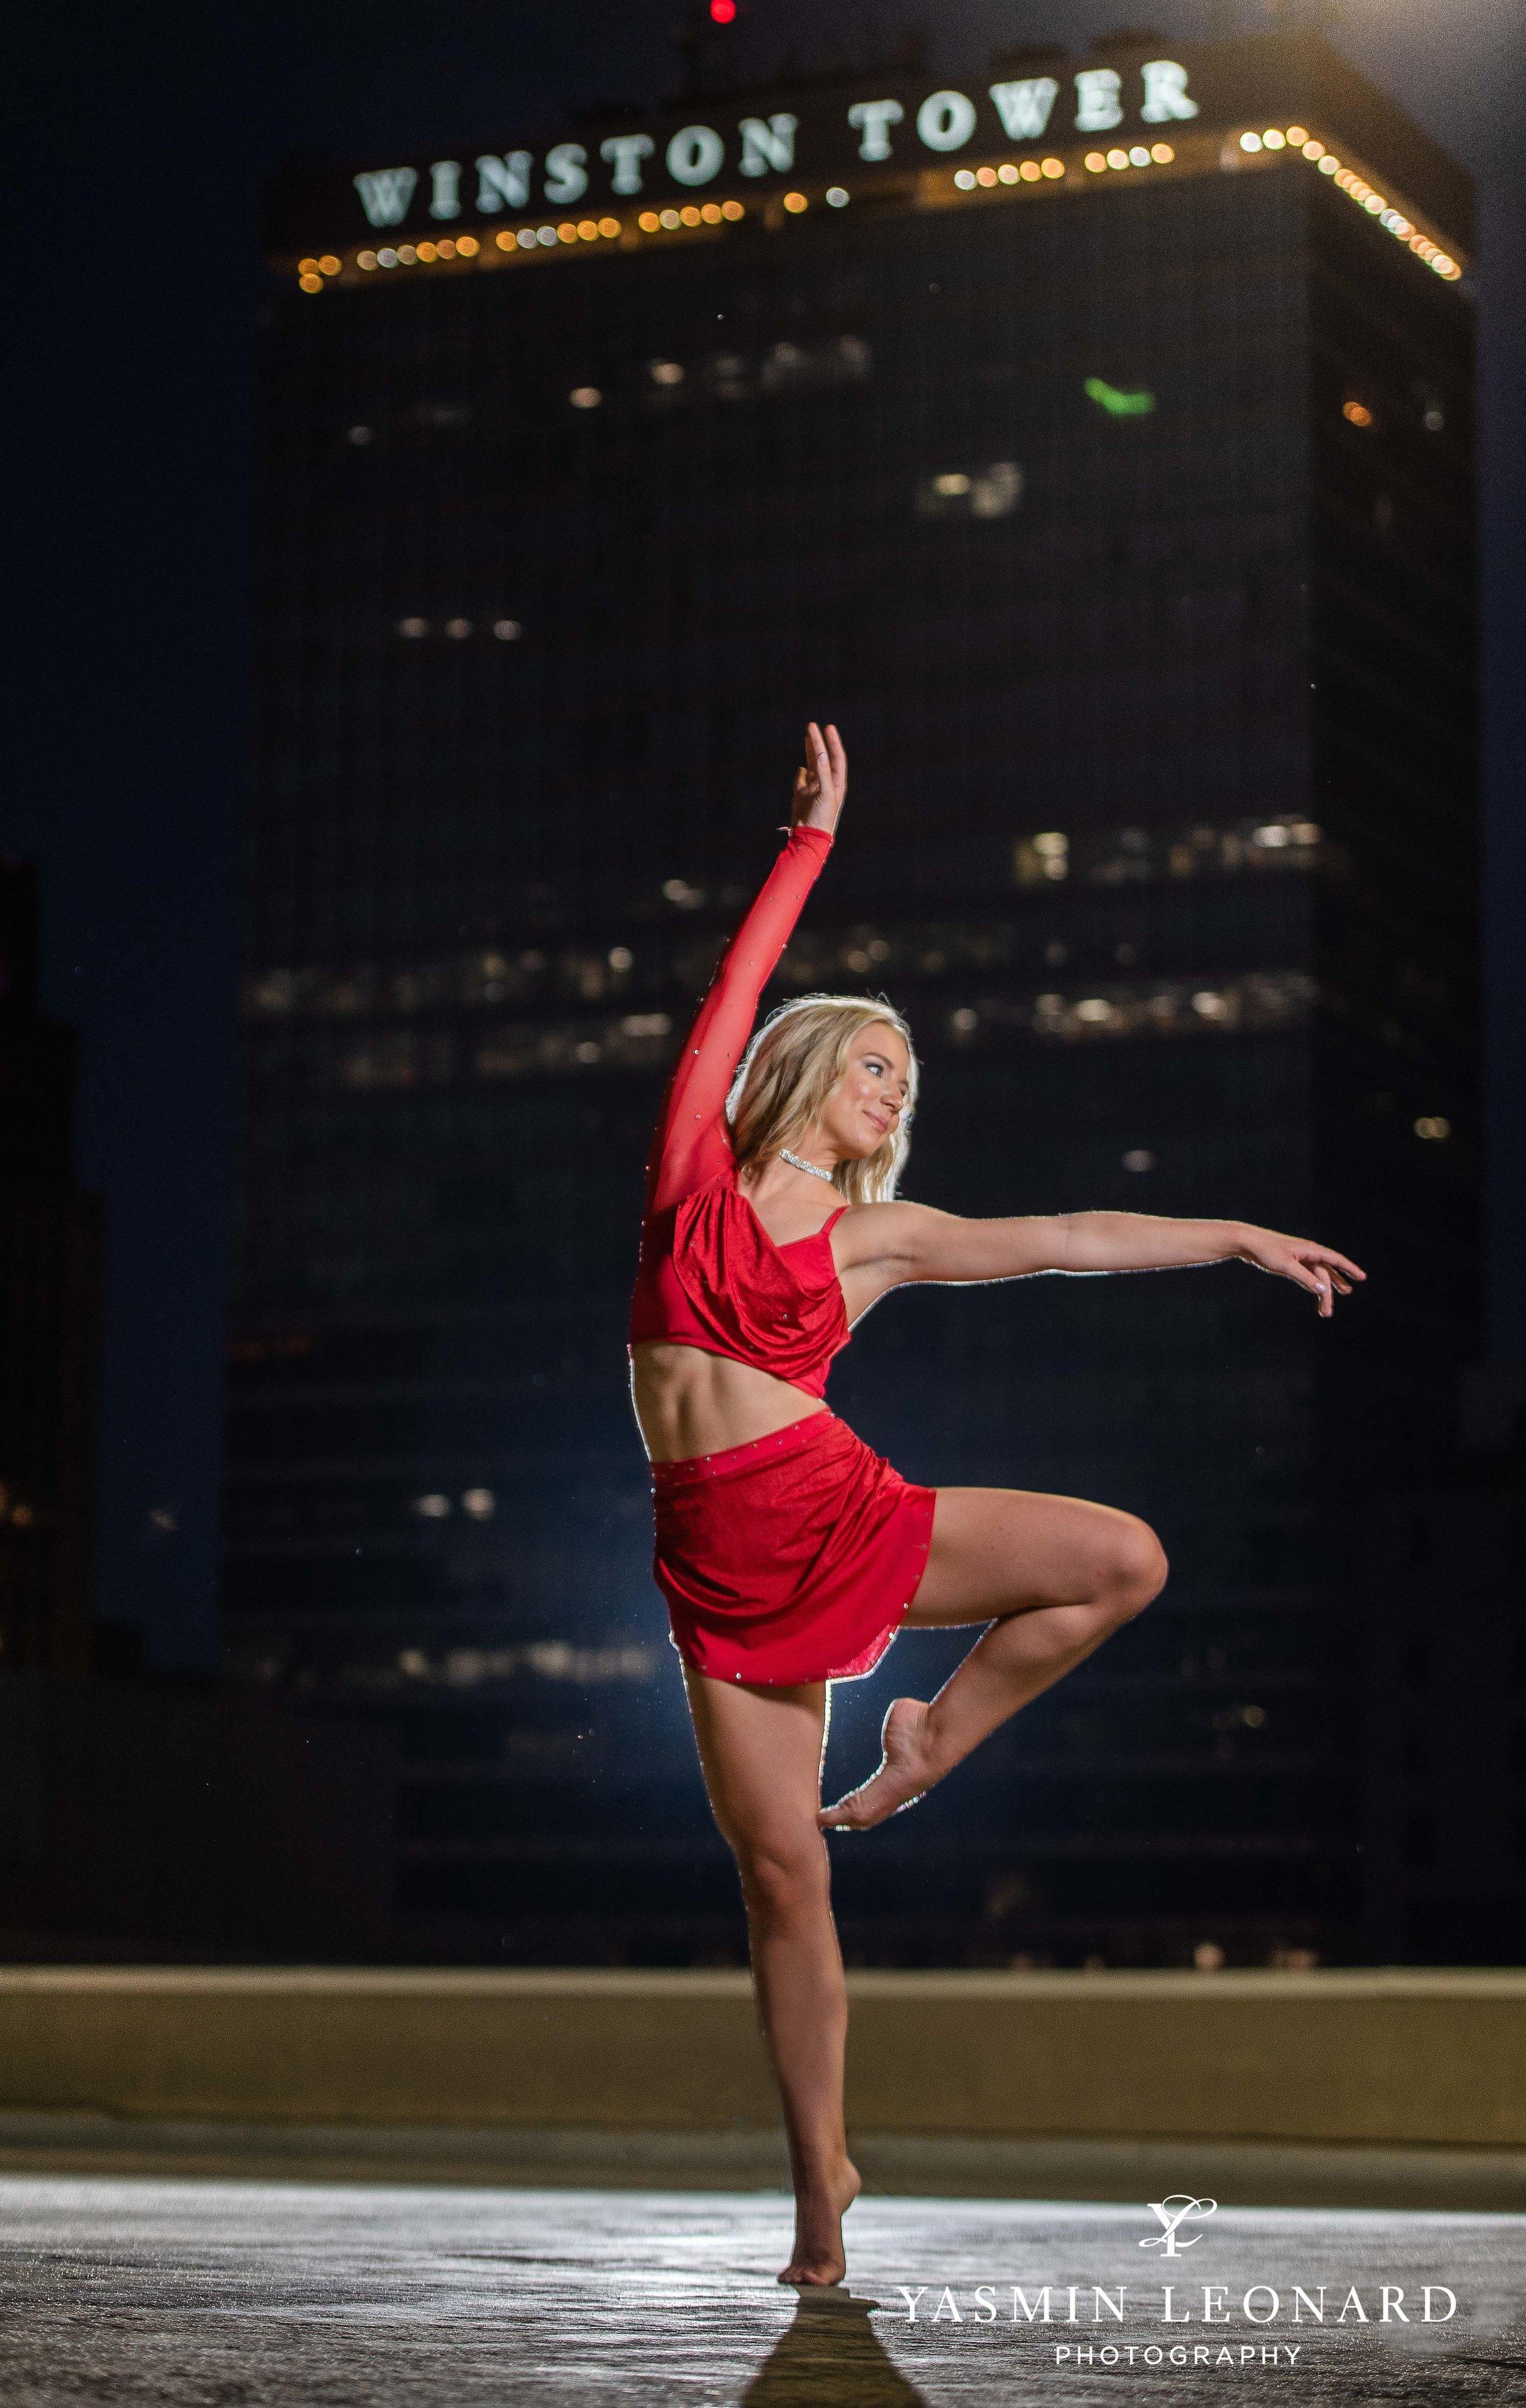 Downtown Winston Salem Dancer Senior Emily-1.jpg